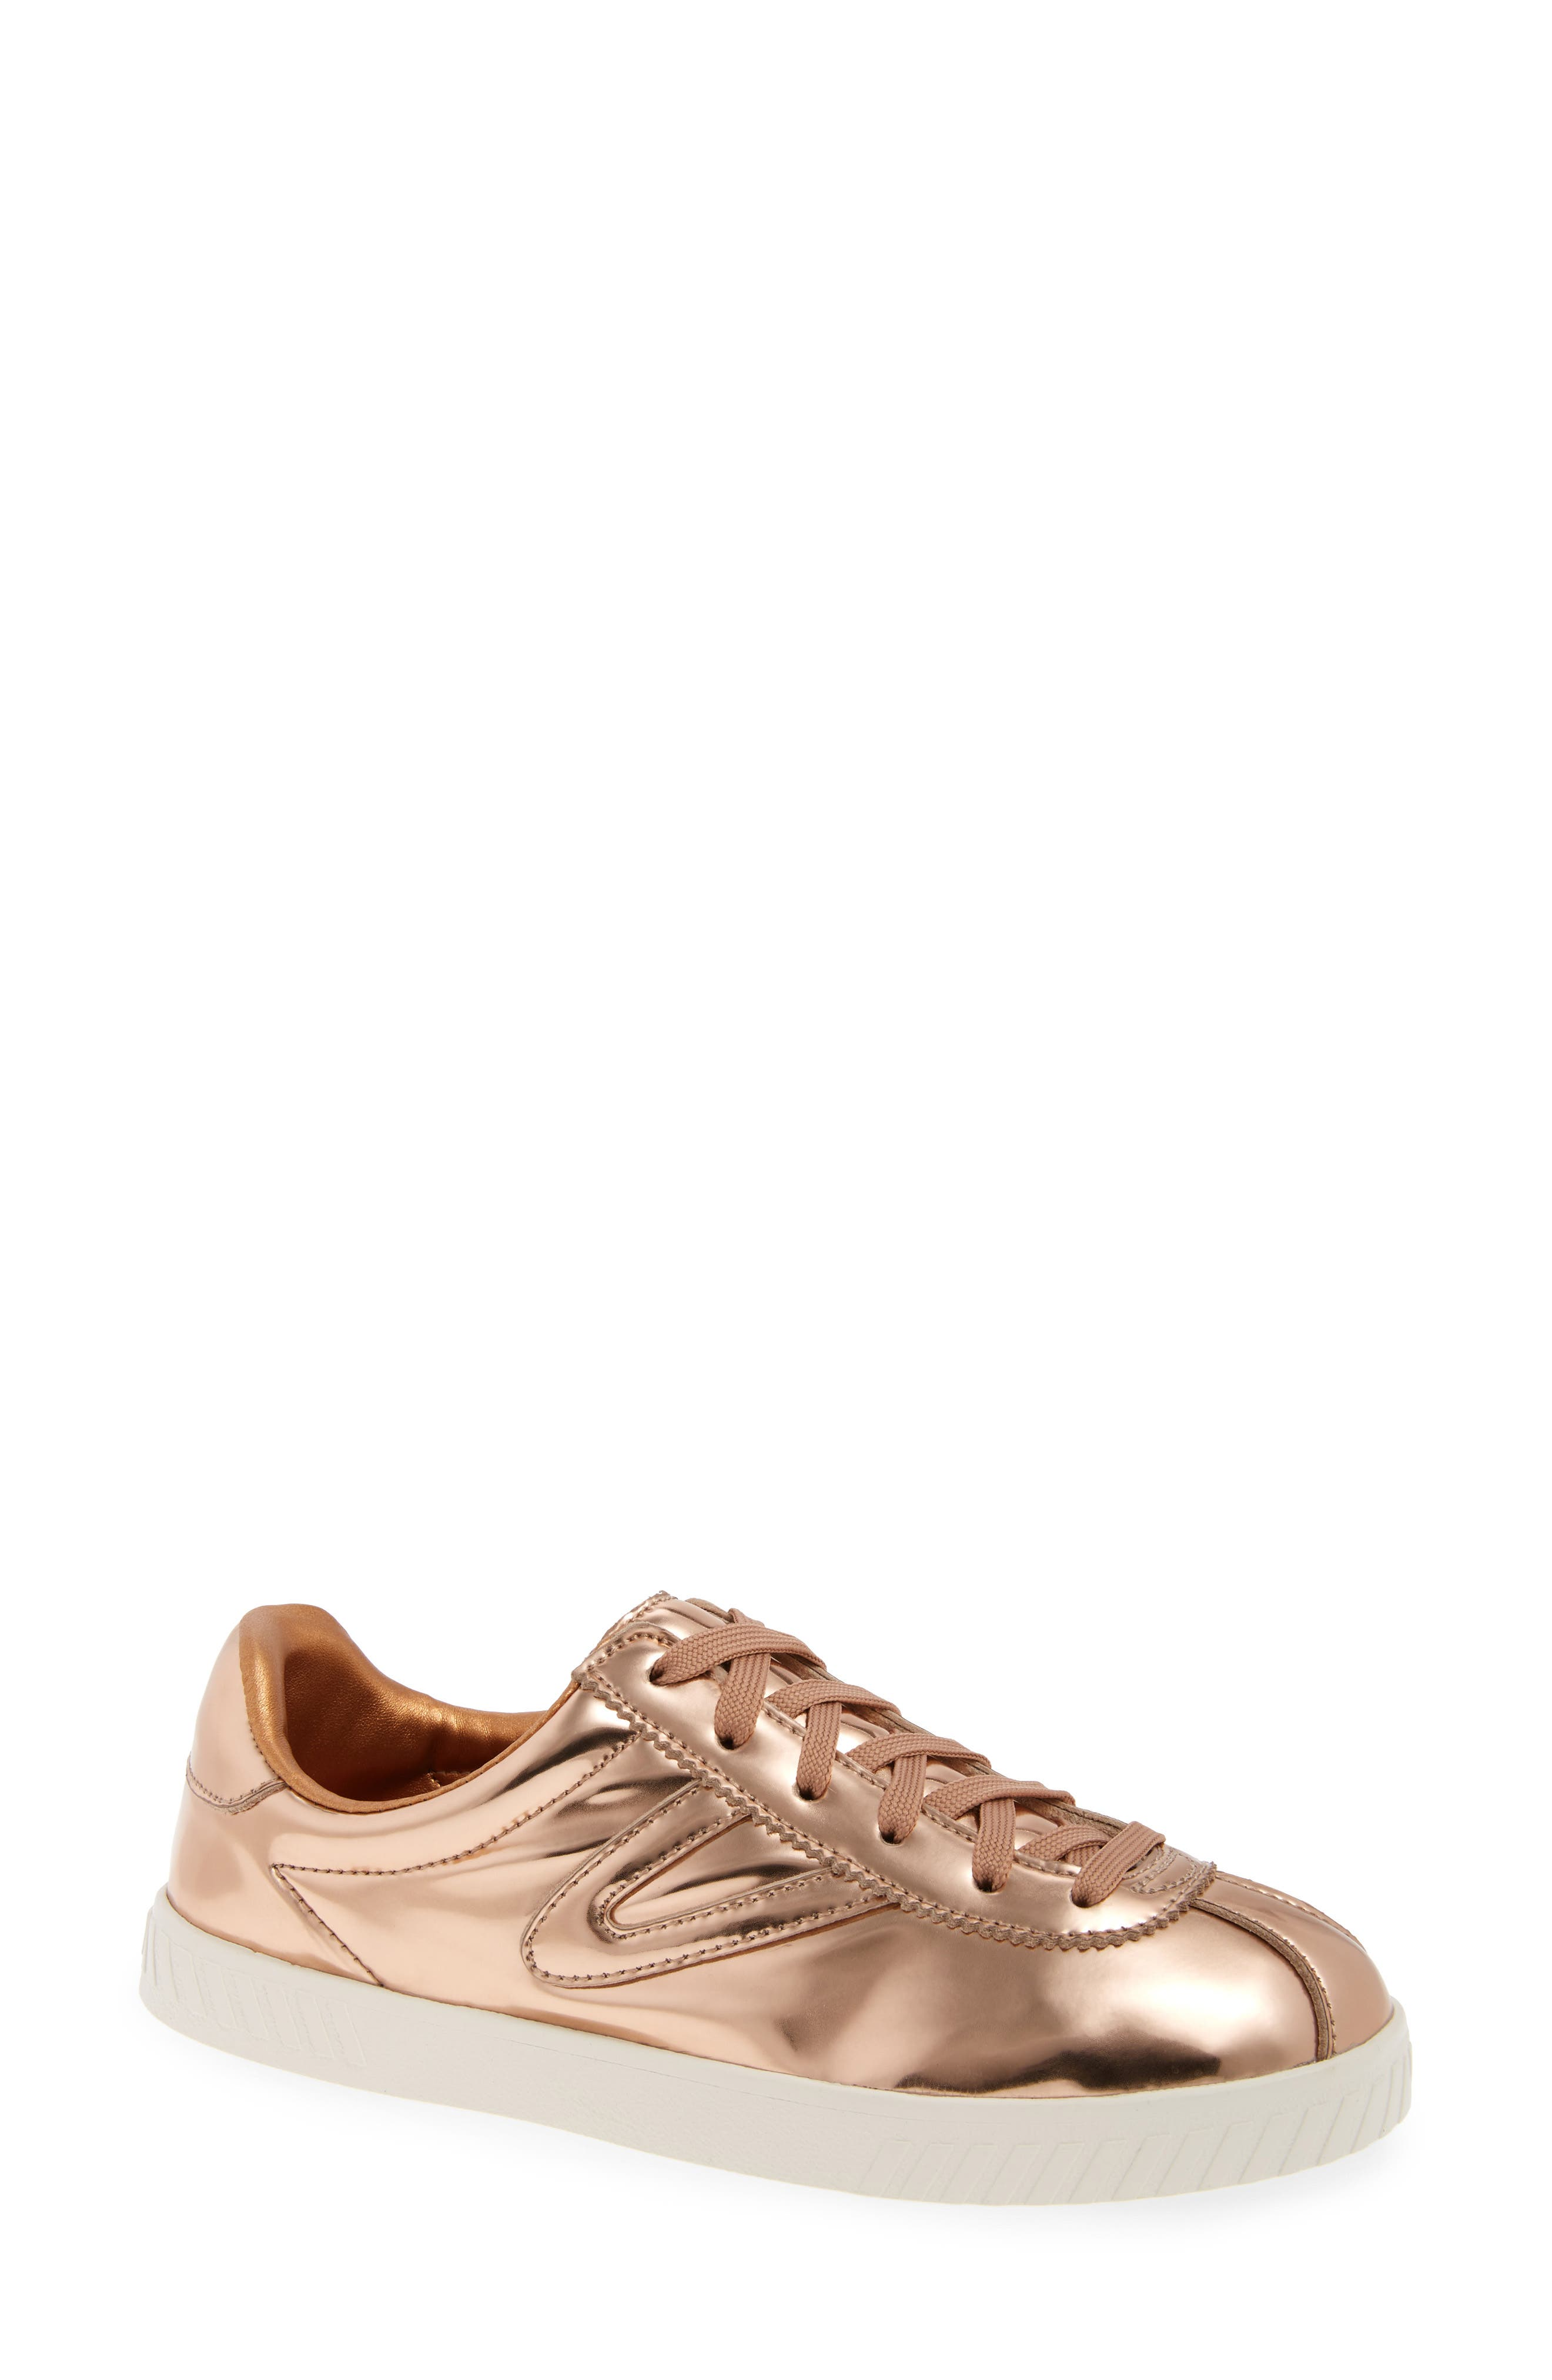 Alternate Image 1 Selected - Tretorn Camden 2 Sneaker (Women)